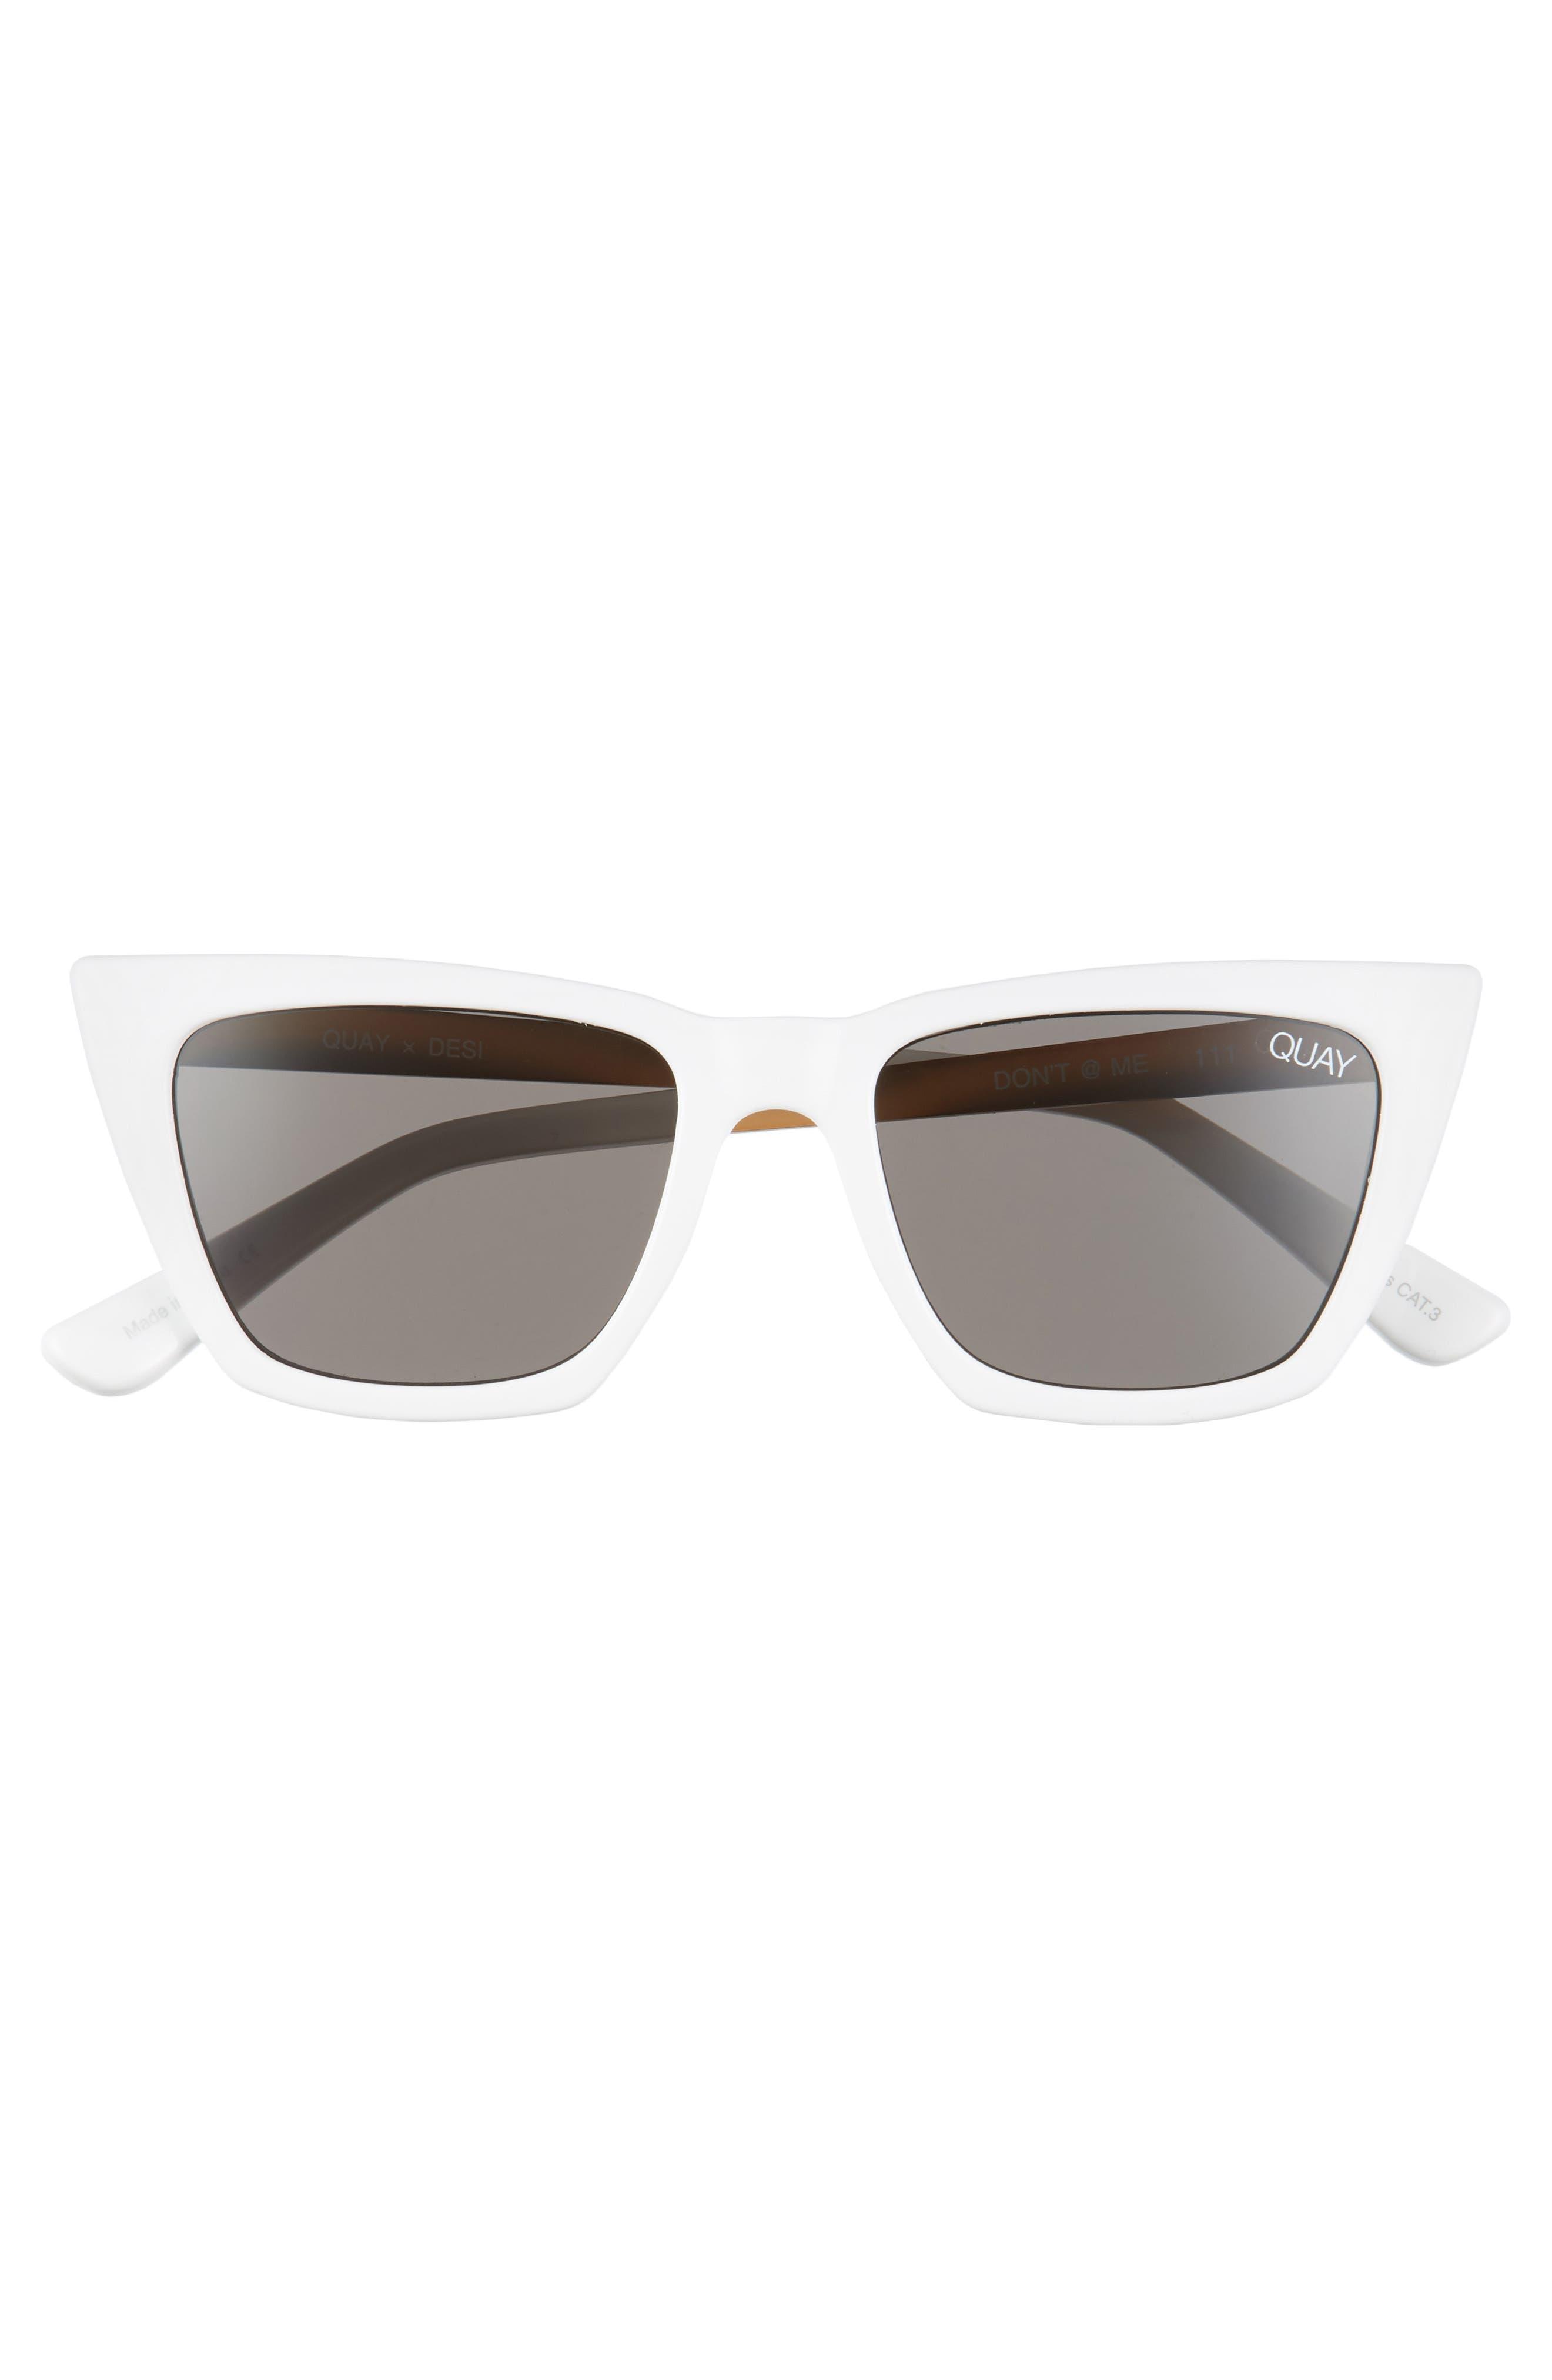 x Desi Perkins Don't @ Me 48mm Cat Eye Sunglasses,                             Alternate thumbnail 4, color,                             White/ Smoke